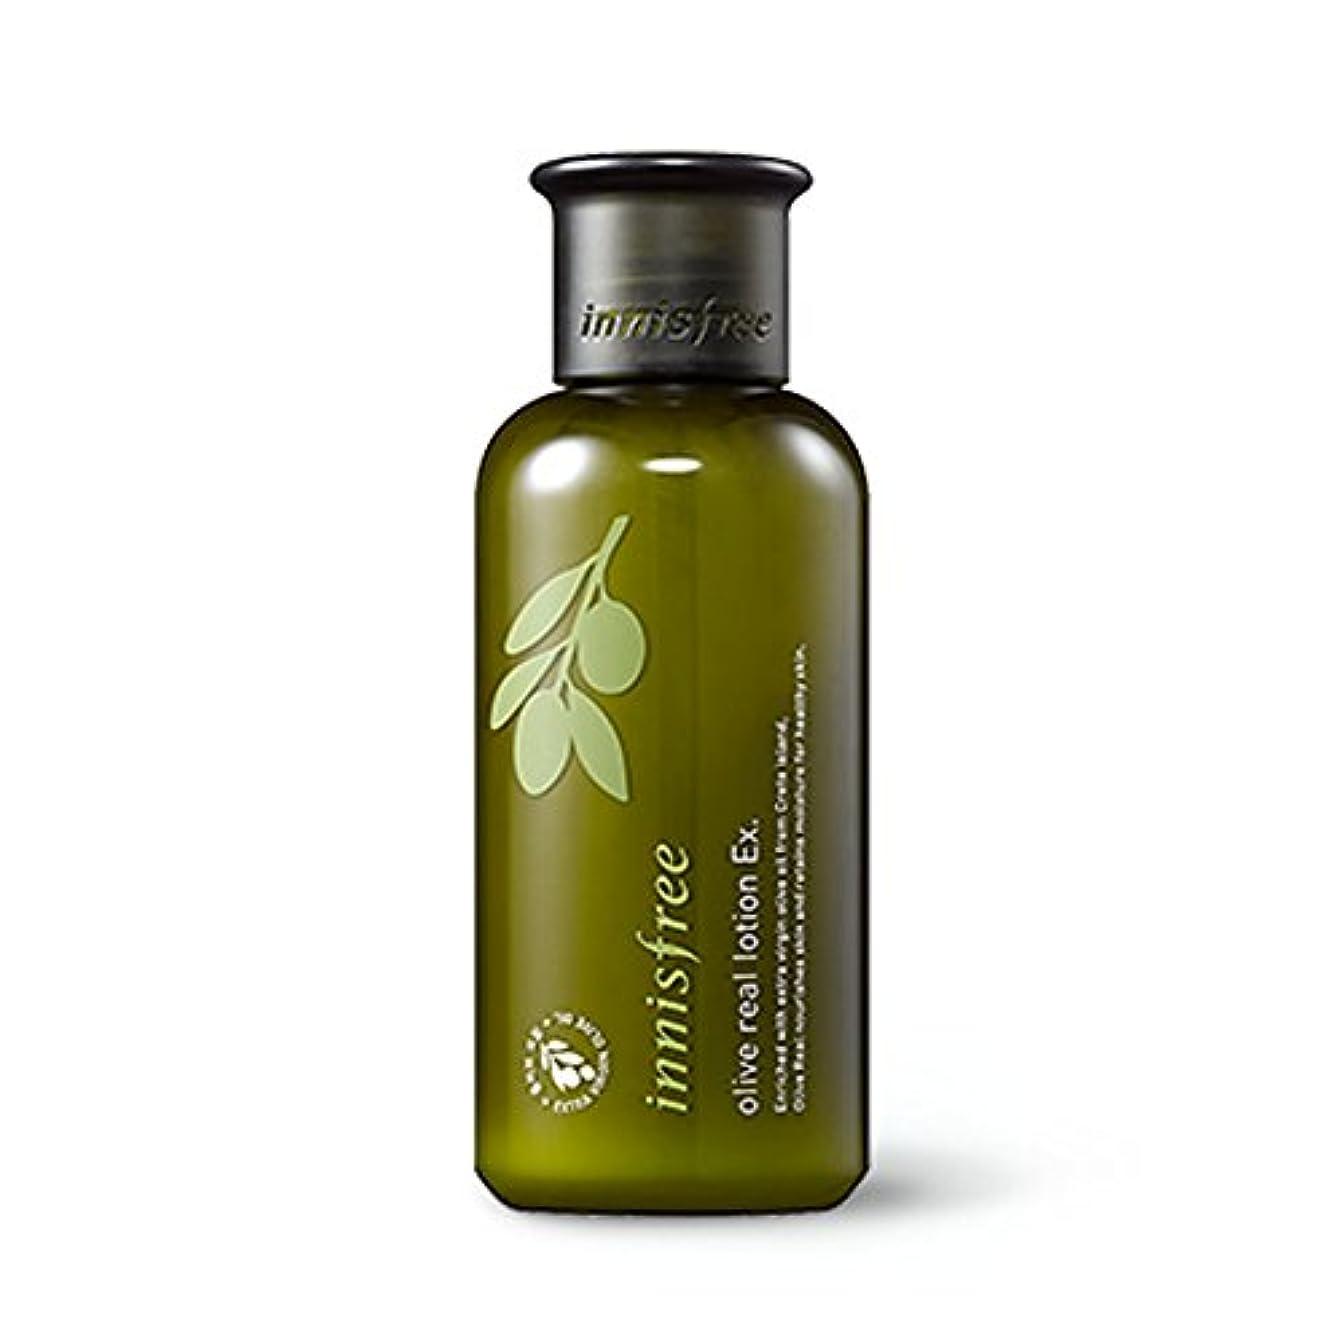 階段警戒しわイニスフリーオリーブリアルローションEx 160ml / innisfree Olive Real Lotion Ex 160ml [海外直送品][並行輸入品]